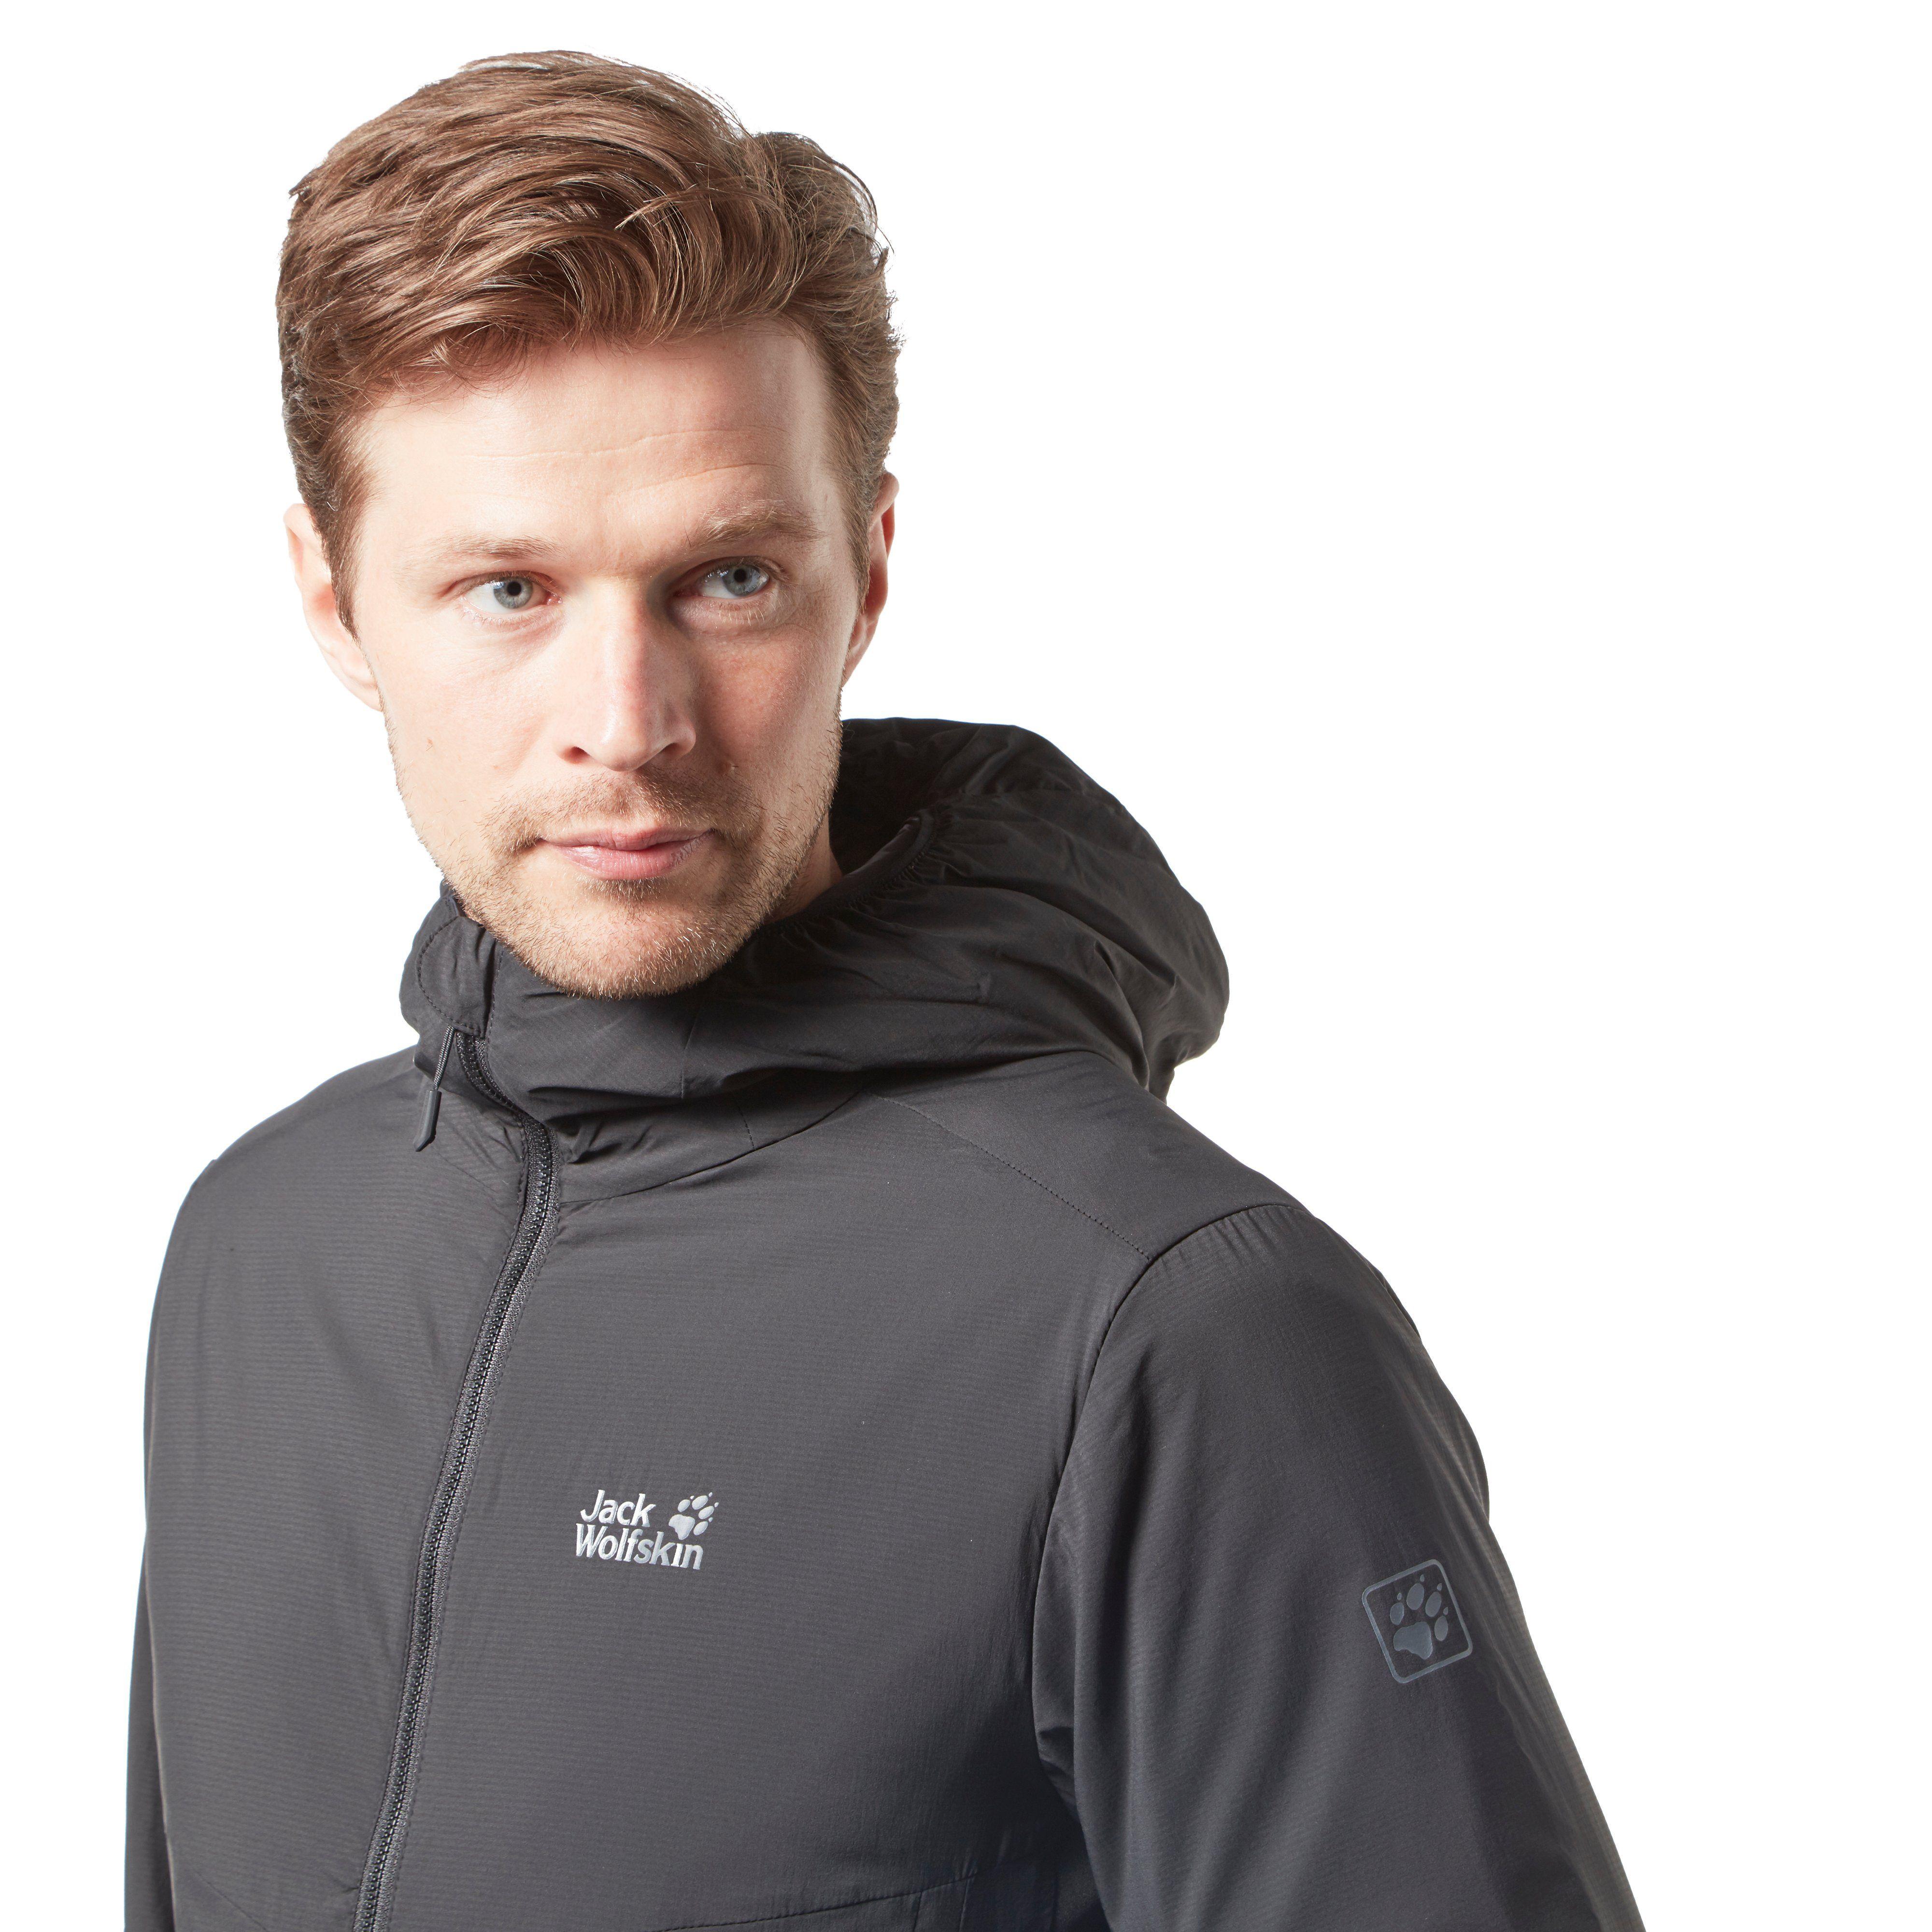 Jack Wolfskin Zip Through Lightweight Men's Jacket